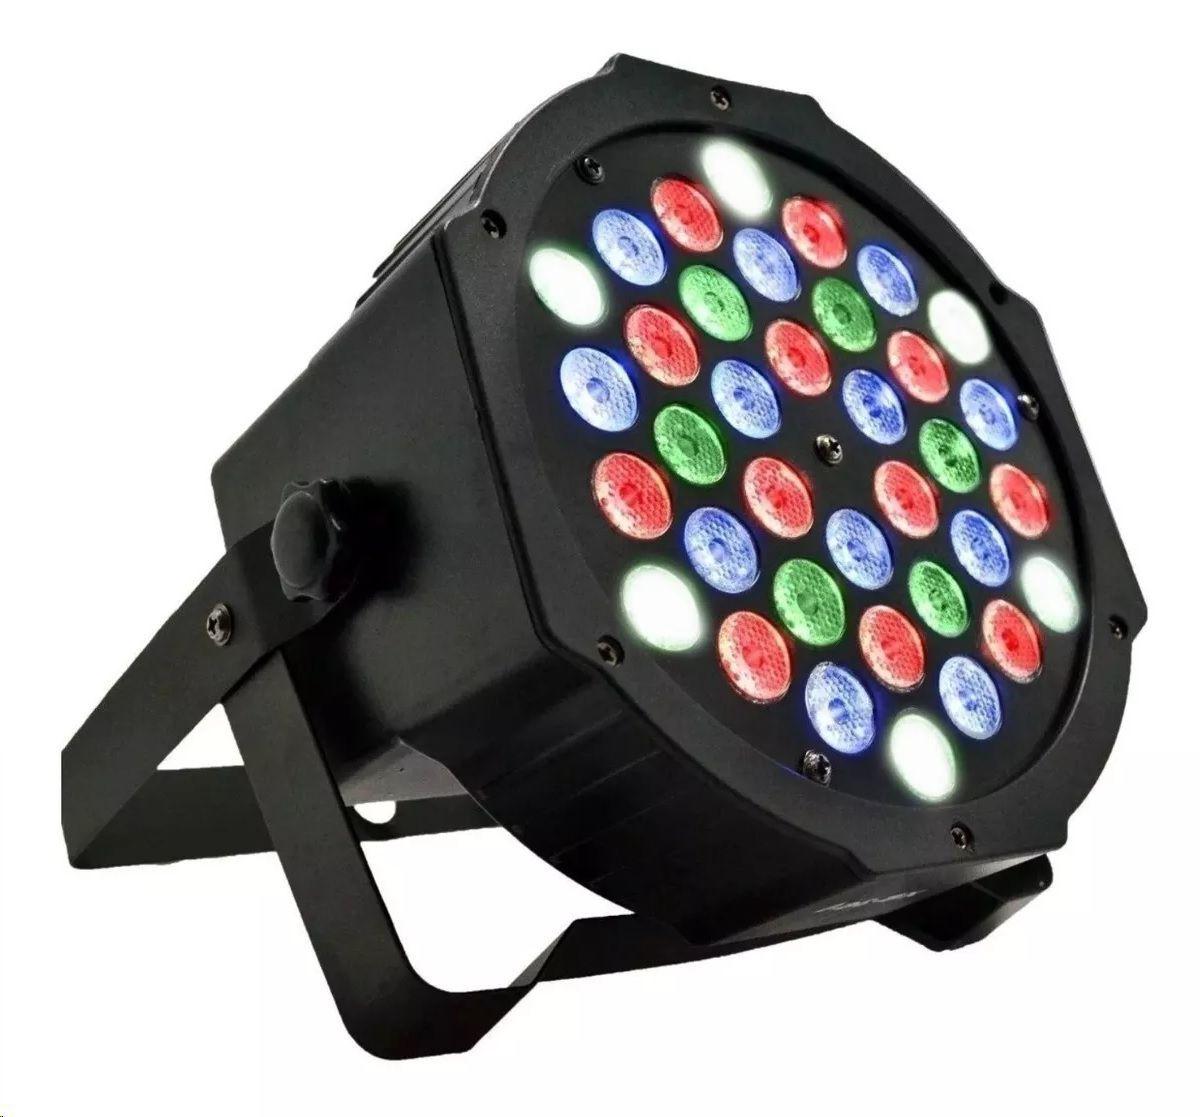 Kit 8 Canhão De Luz Led Par 64 Rgb 36 Leds Dmx Digital Strobo Slim